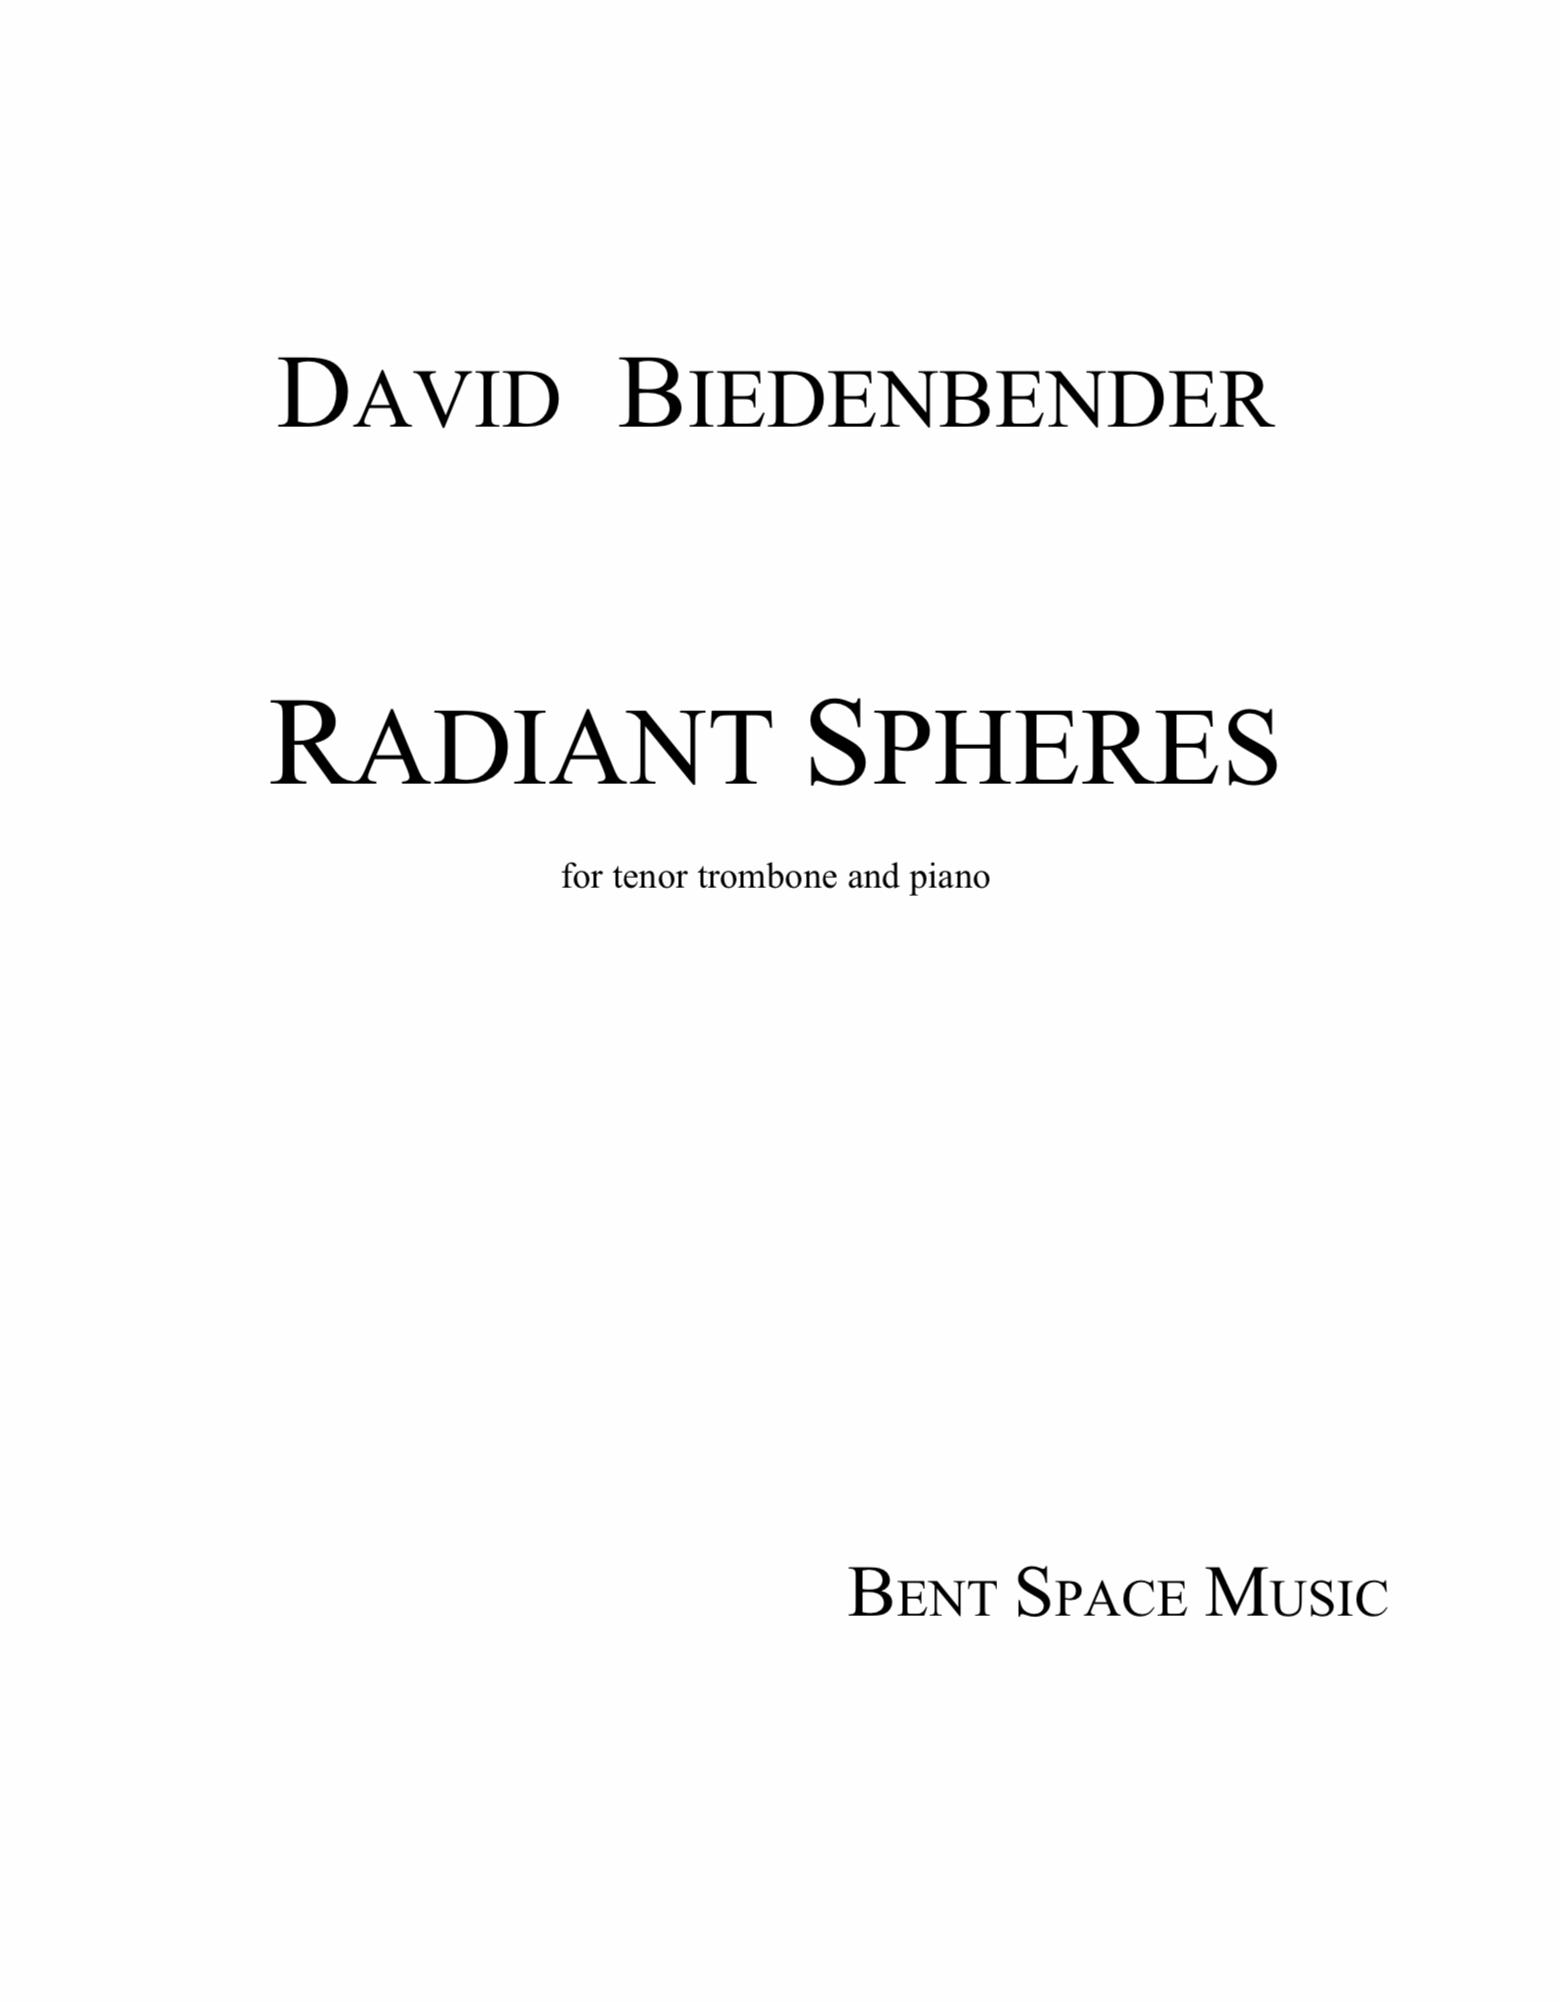 Radiant Spheres by David Biedenbender